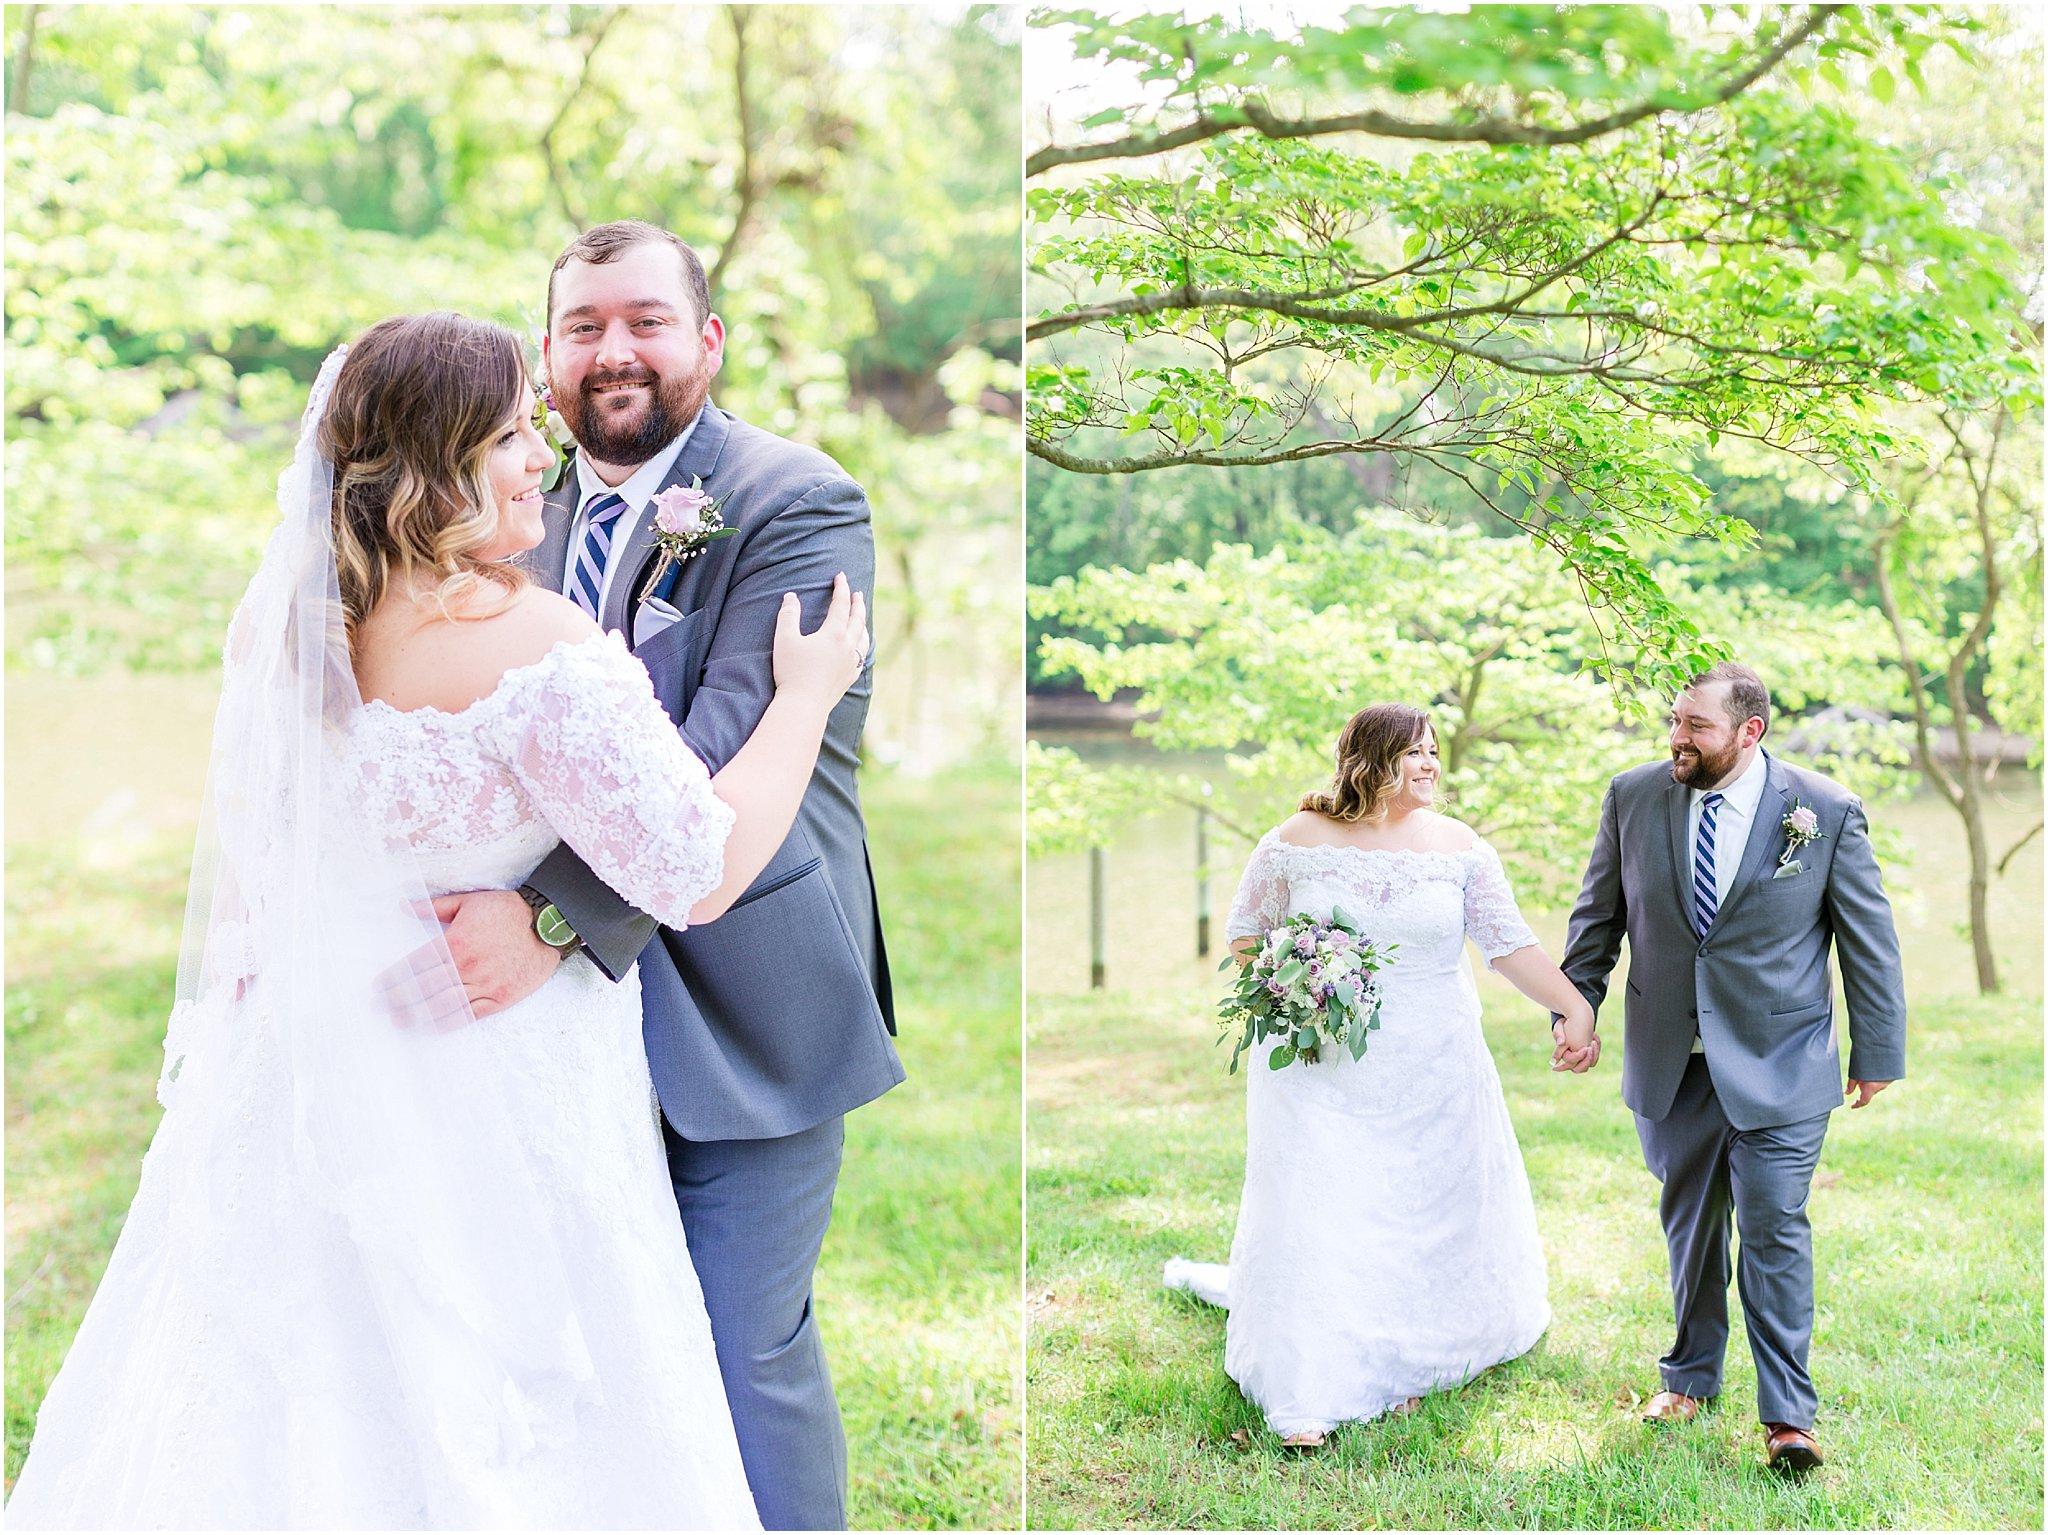 cole-wye-island-wedding-cassidymrphotography_0061